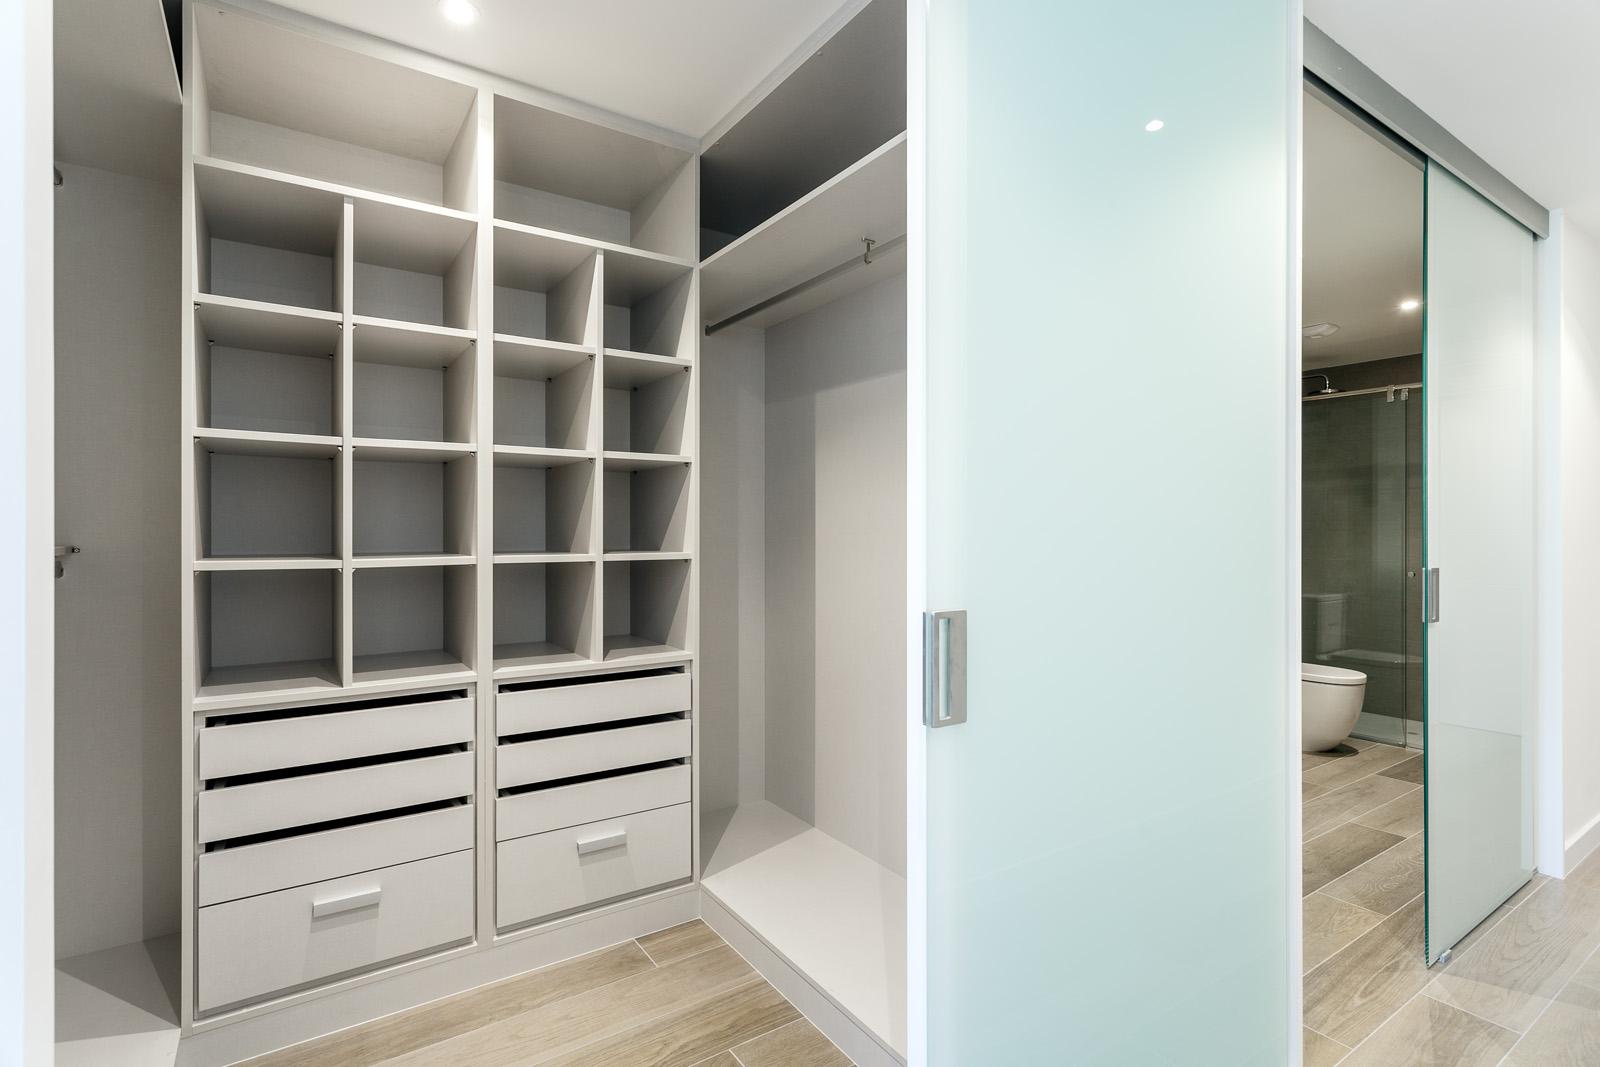 Claves para dise ar un buen vestidor - Disenar un armario ...